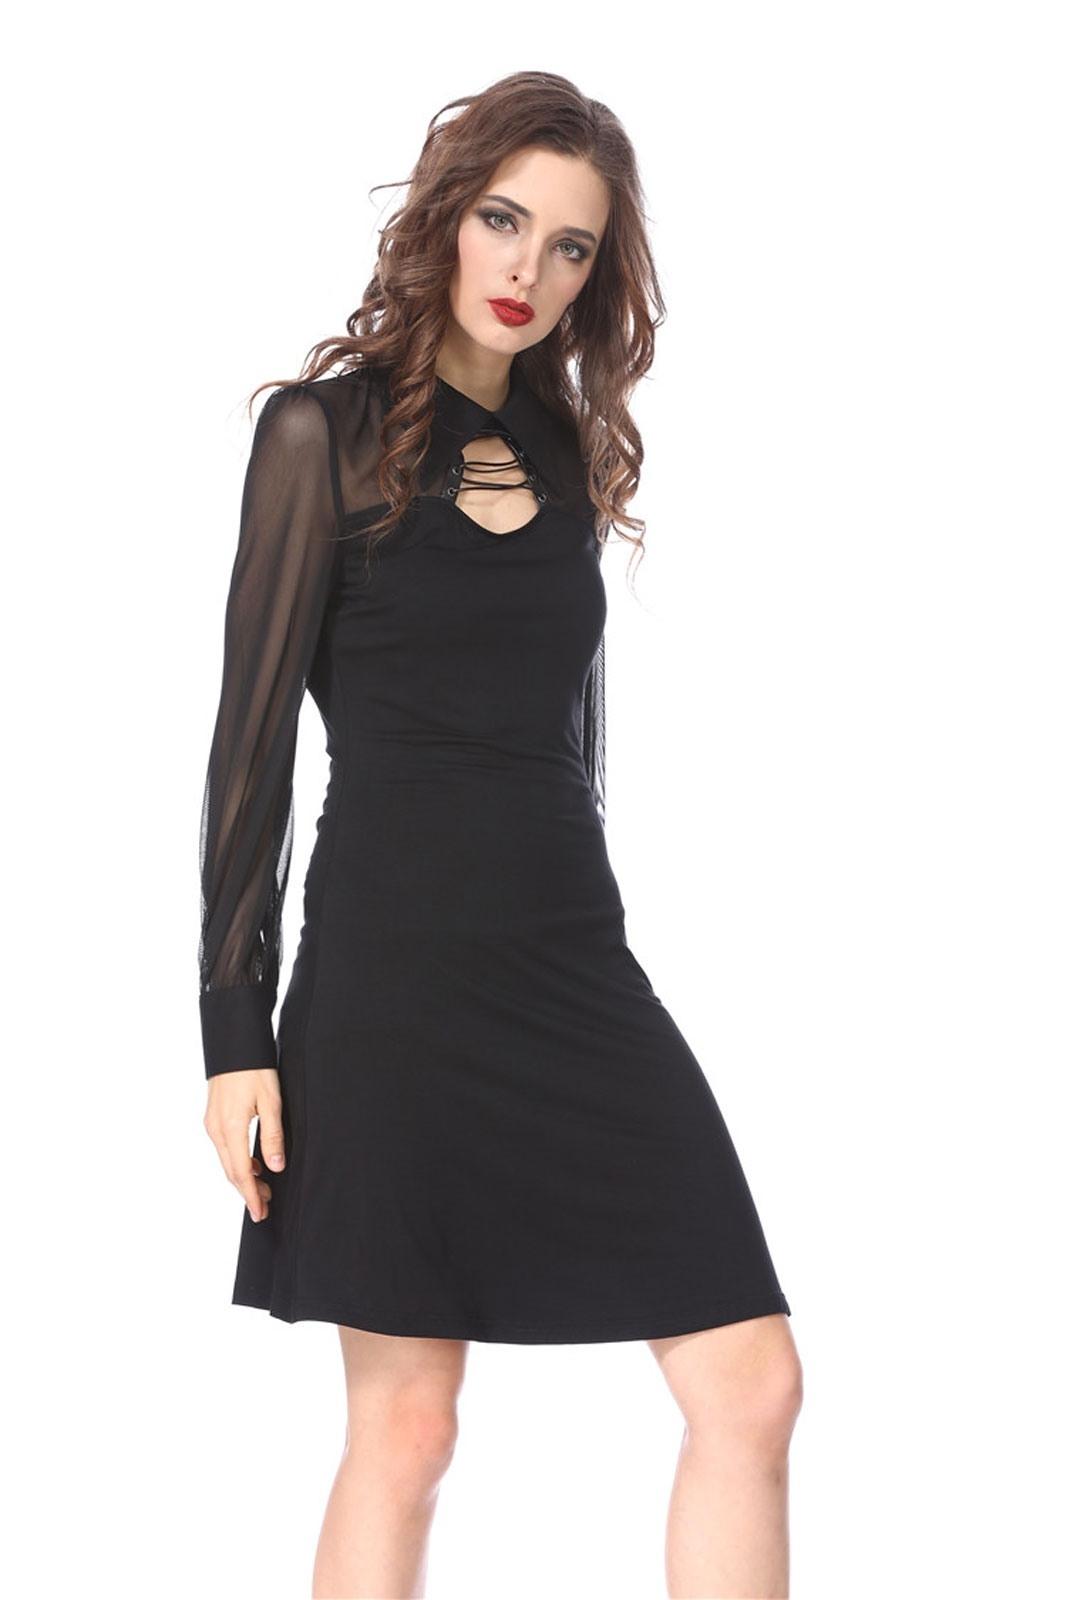 10 Erstaunlich Kleines Kleid Spezialgebiet10 Ausgezeichnet Kleines Kleid Bester Preis